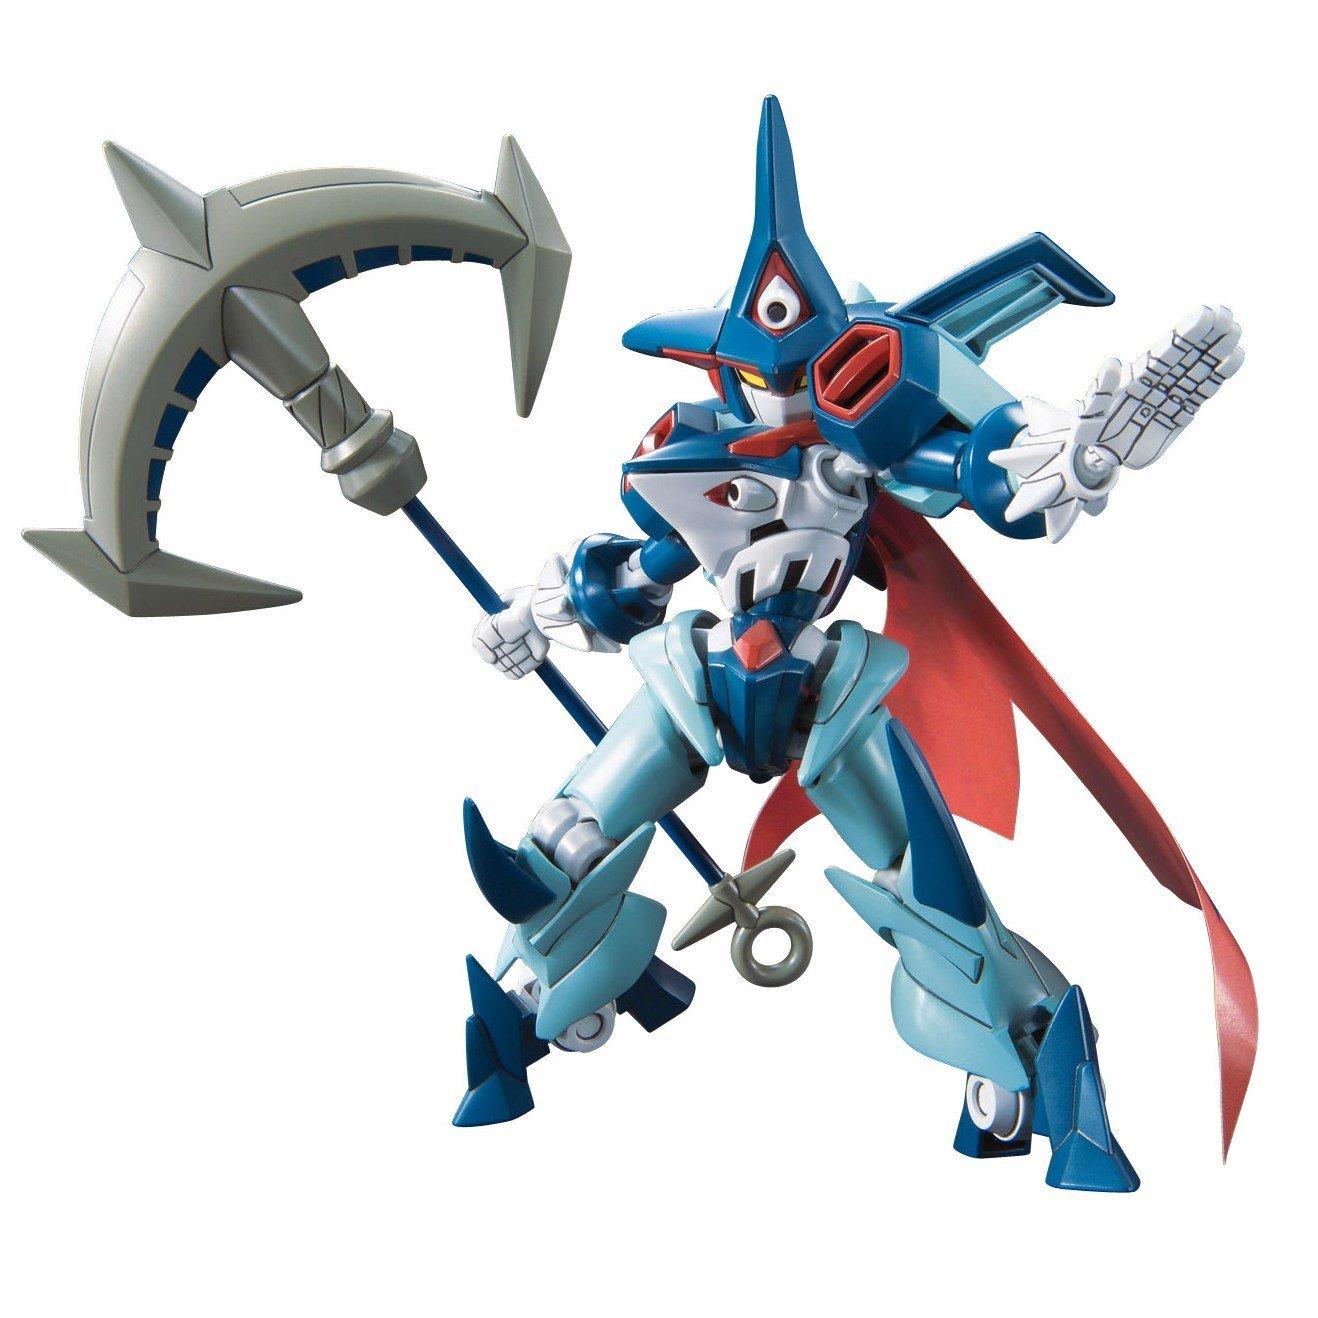 Сборная модель Тритон из серии LBX: Битвы маленьких гигантовРоботы, Воины<br>Сборная модель Тритон из серии LBX: Битвы маленьких гигантов<br>